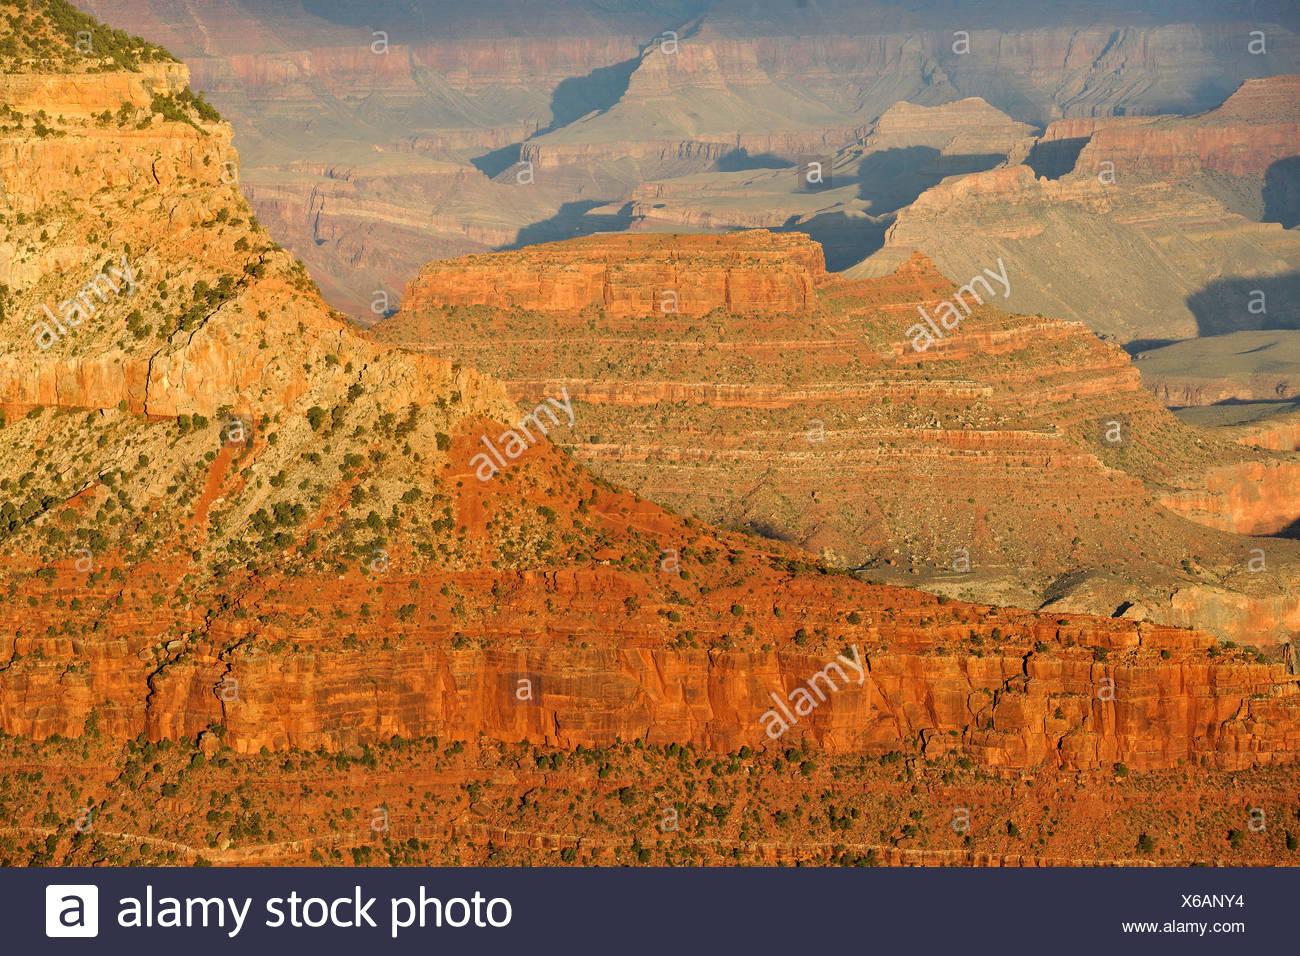 Bei Sonnenuntergang von Yavapai Point Lookout in Richtung Pattie Butte, Bright Angel Canyon, Abendlicht, Grand Canyon National Park anzeigen Stockbild